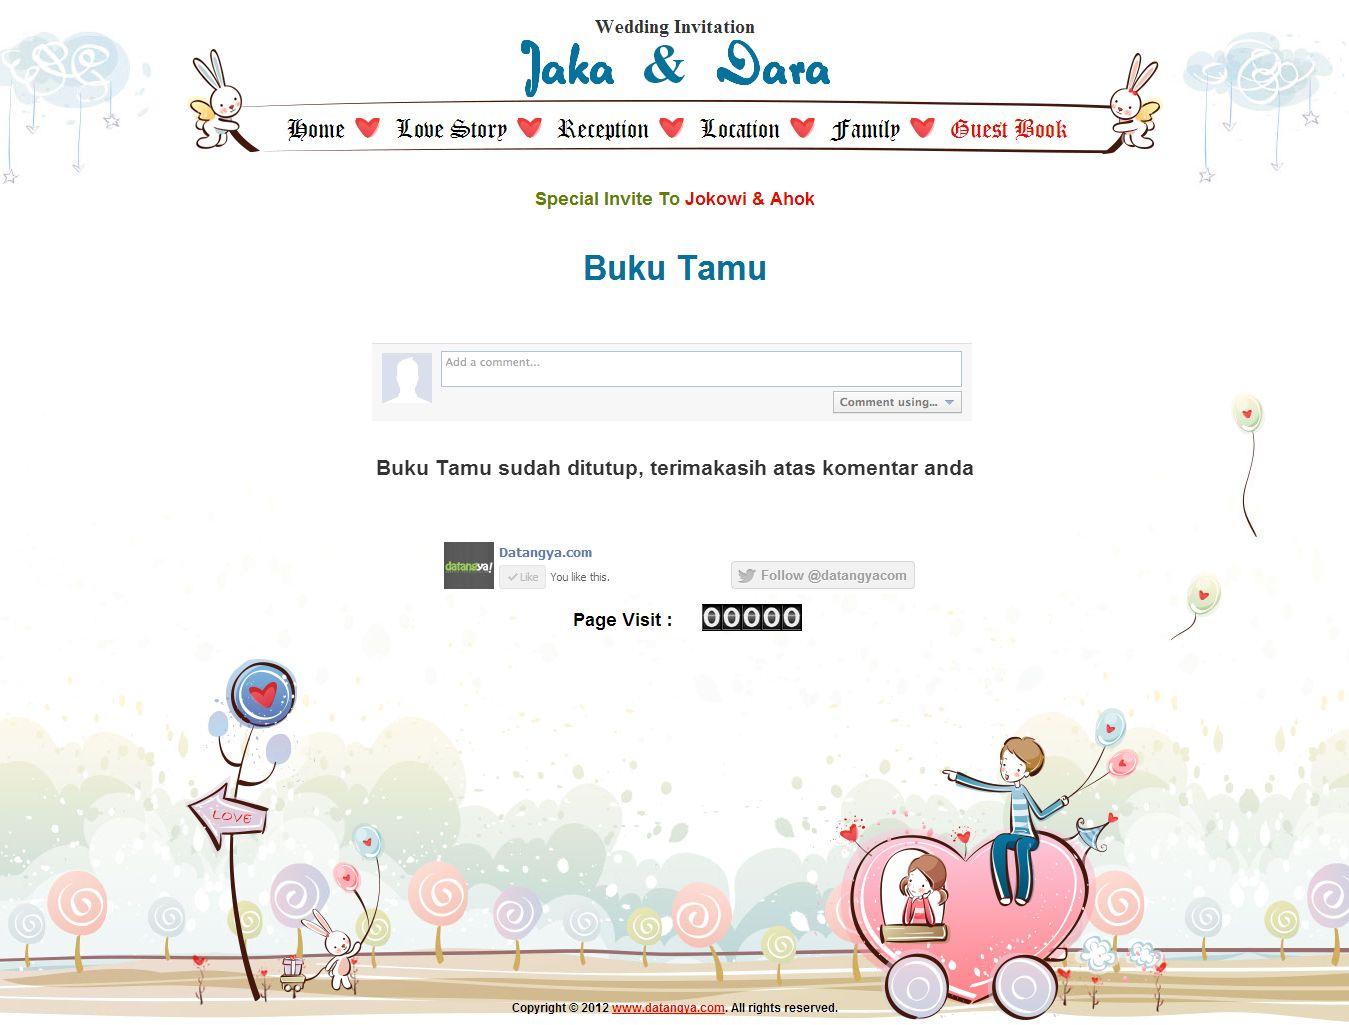 Desain Undangan Online Romantic Buku Tamu Desain Undangan Online